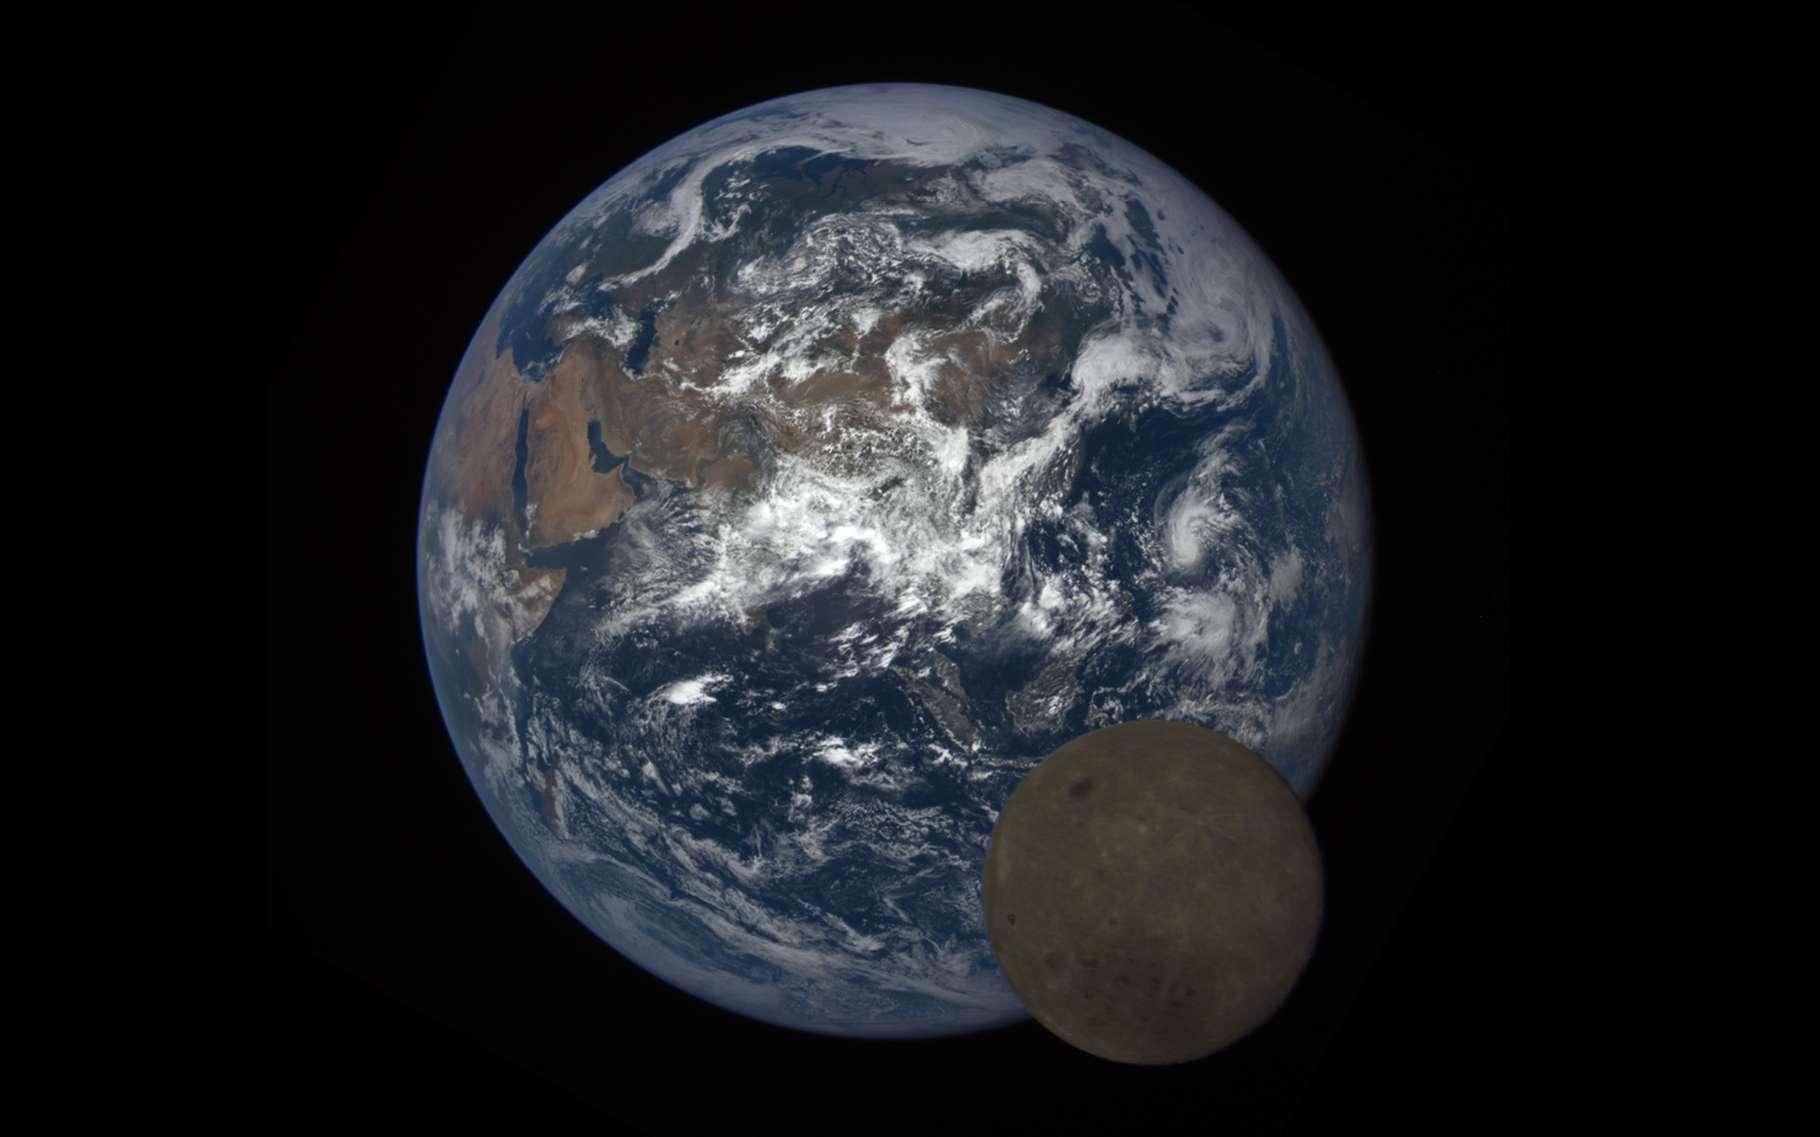 Image extraite de la séquence de quatre heures du transit de la Lune devant la Terre enregistrée avec la caméra Epic du satellite DSCOVR, le 5 juillet 2016. Retrouvez toutes les images de la séquence en haute résolution ici. © Nasa, NOAA